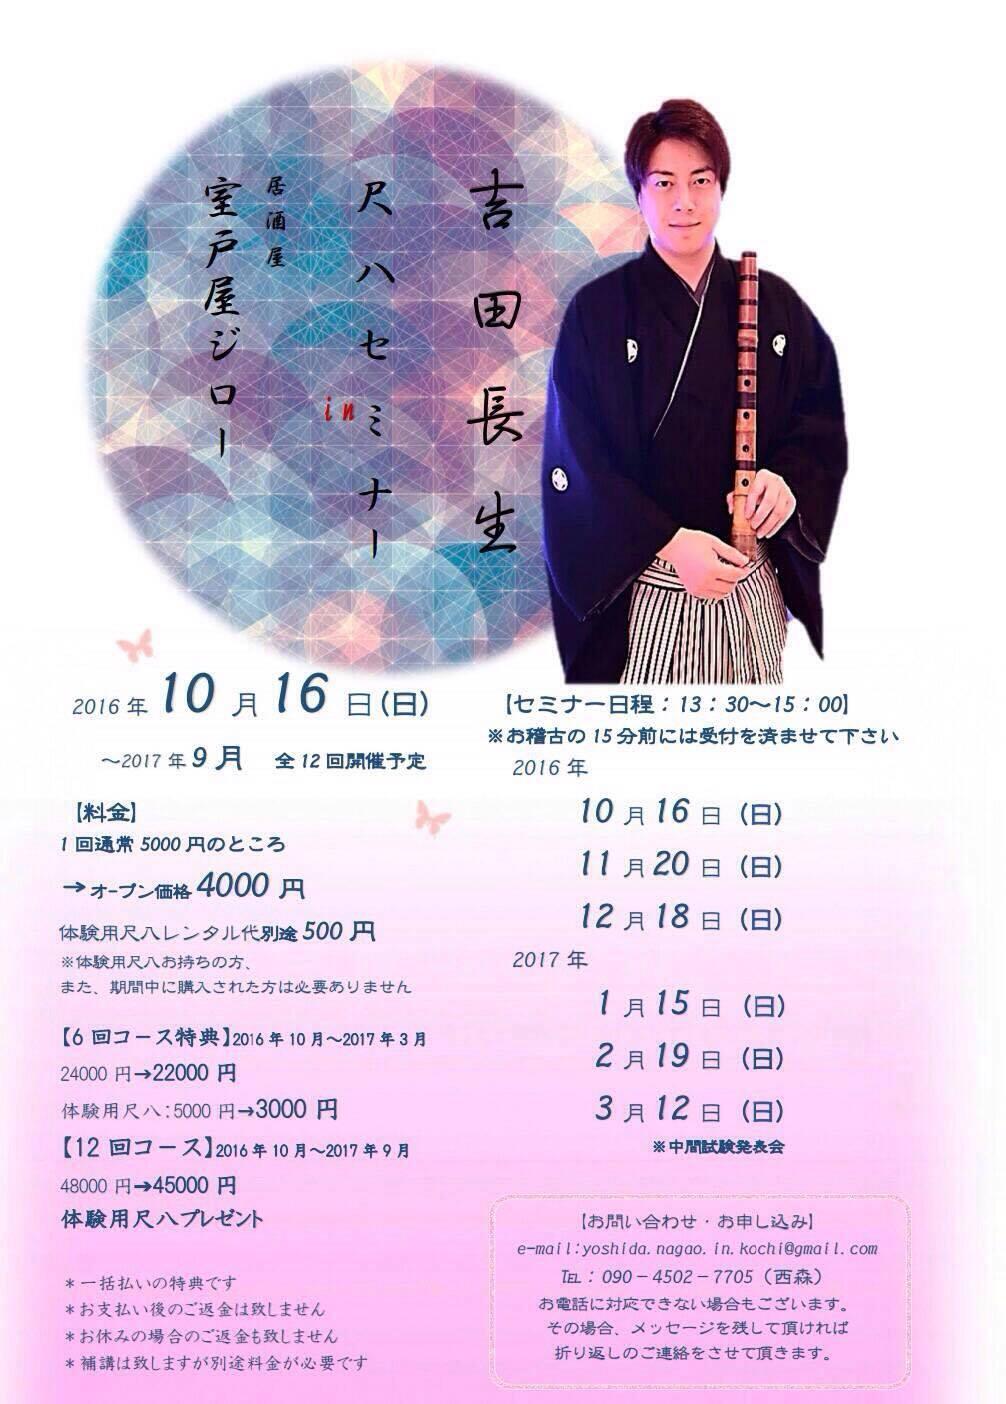 高知県で尺八セミナーを開催